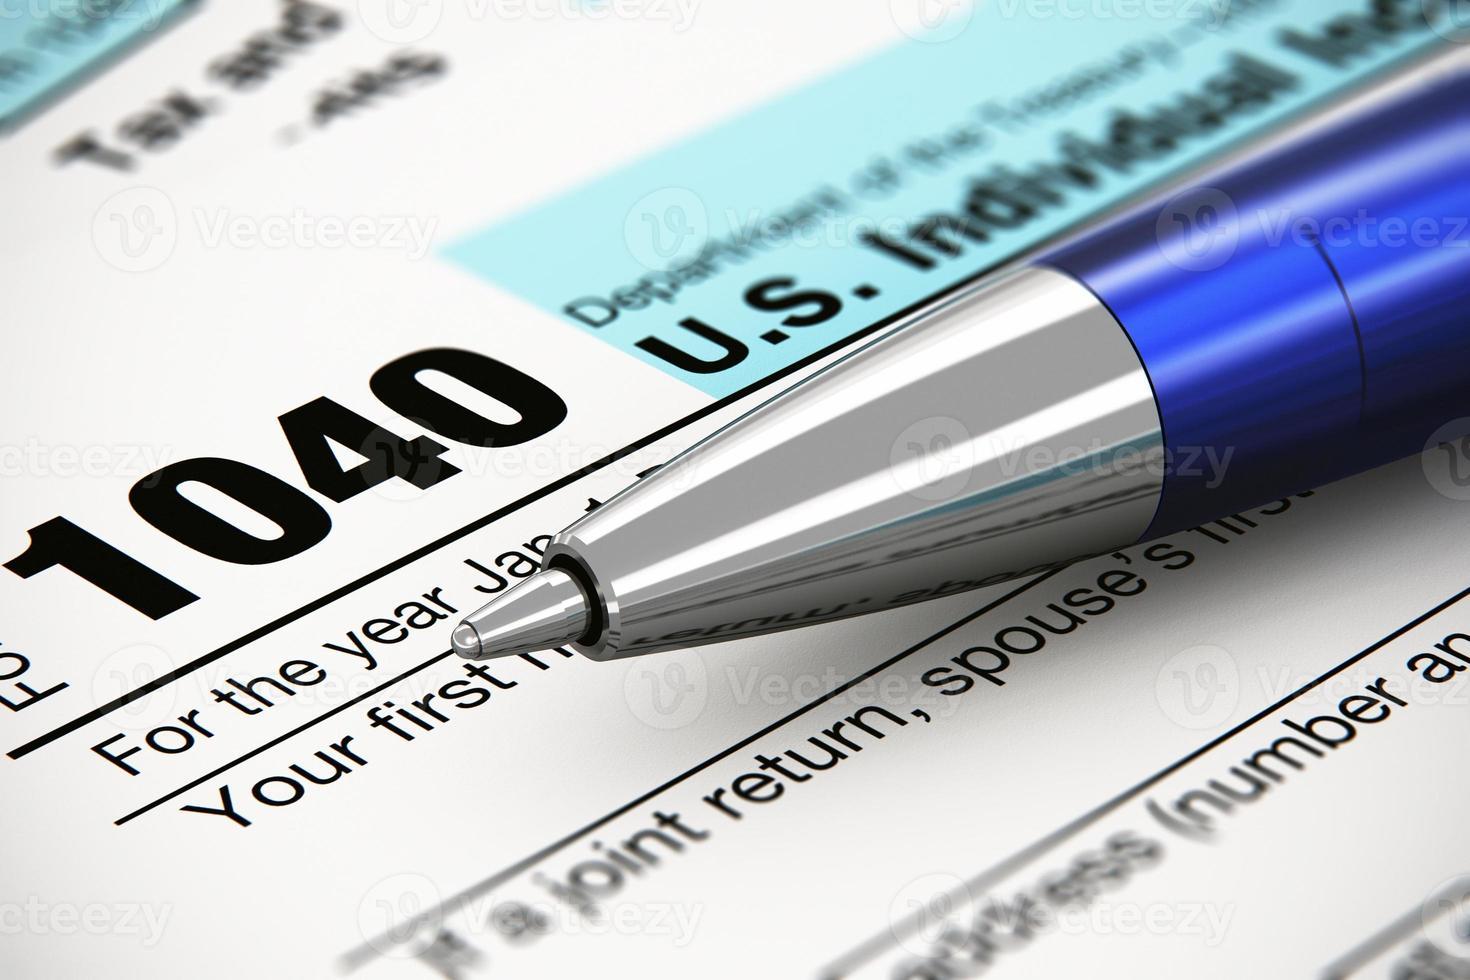 das 1040 us individuelle Steuerformular und der Kugelschreiber foto